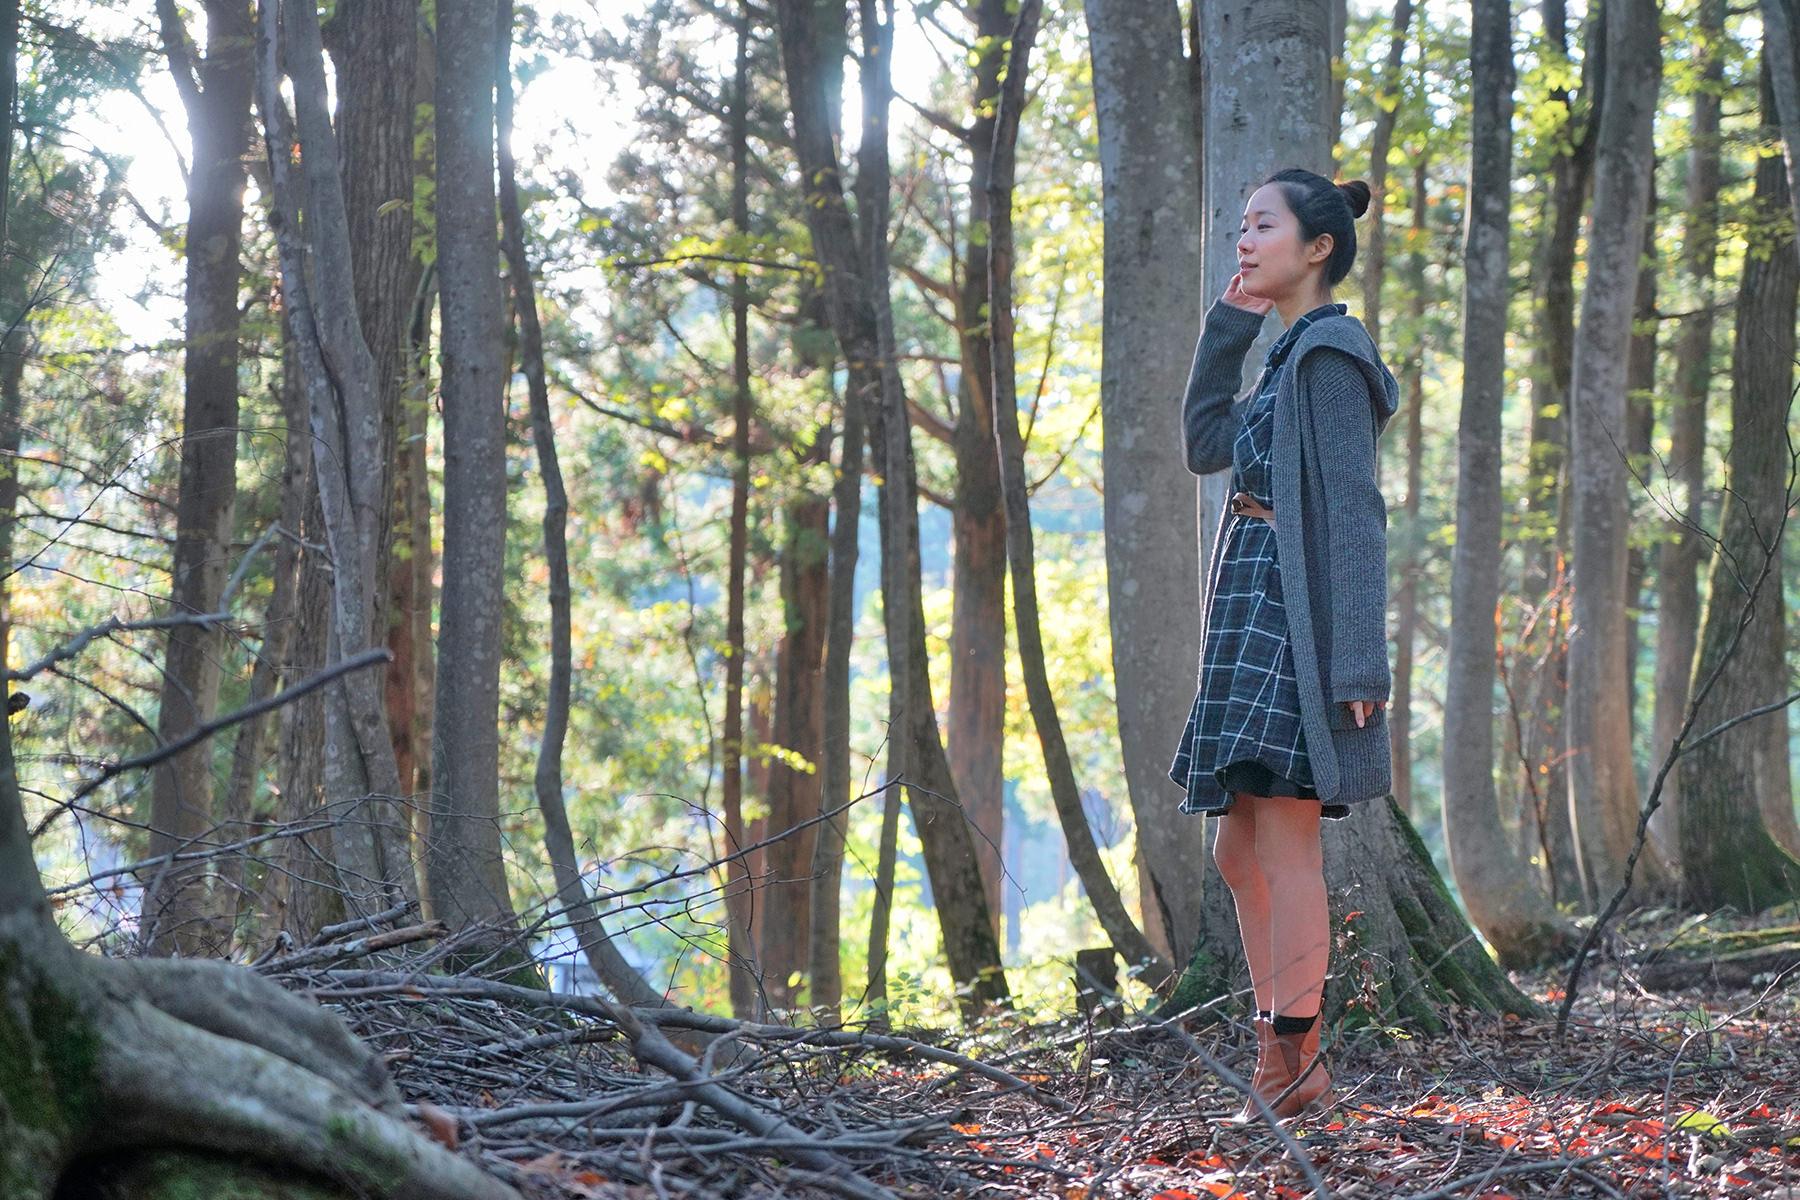 秋-4 美人林の女性